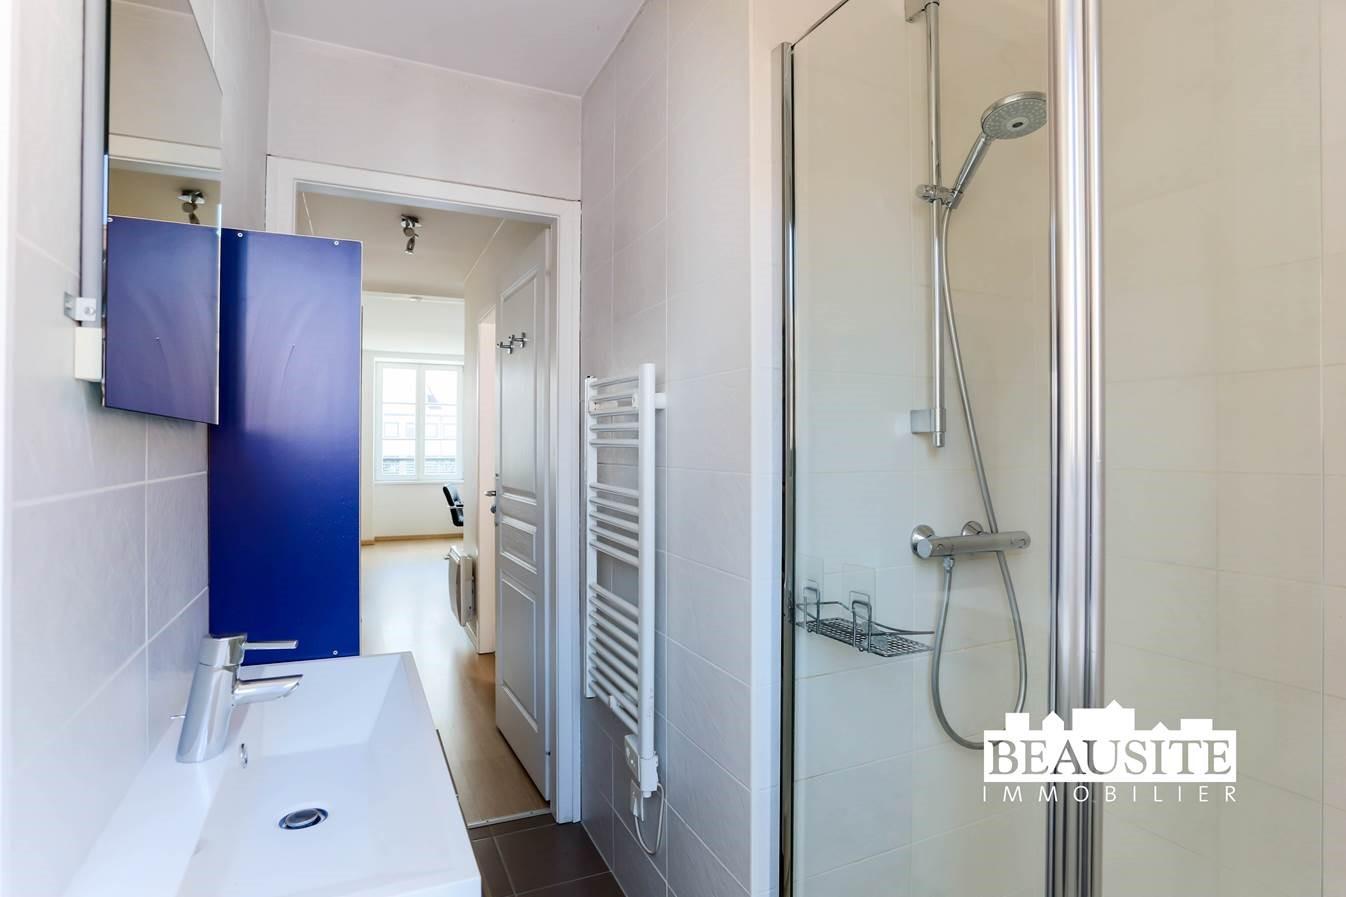 [Le Batelier] Agréable 2 pièces meublé - Krutenau / Quai des Bateliers - nos locations - Beausite Immobilier 6